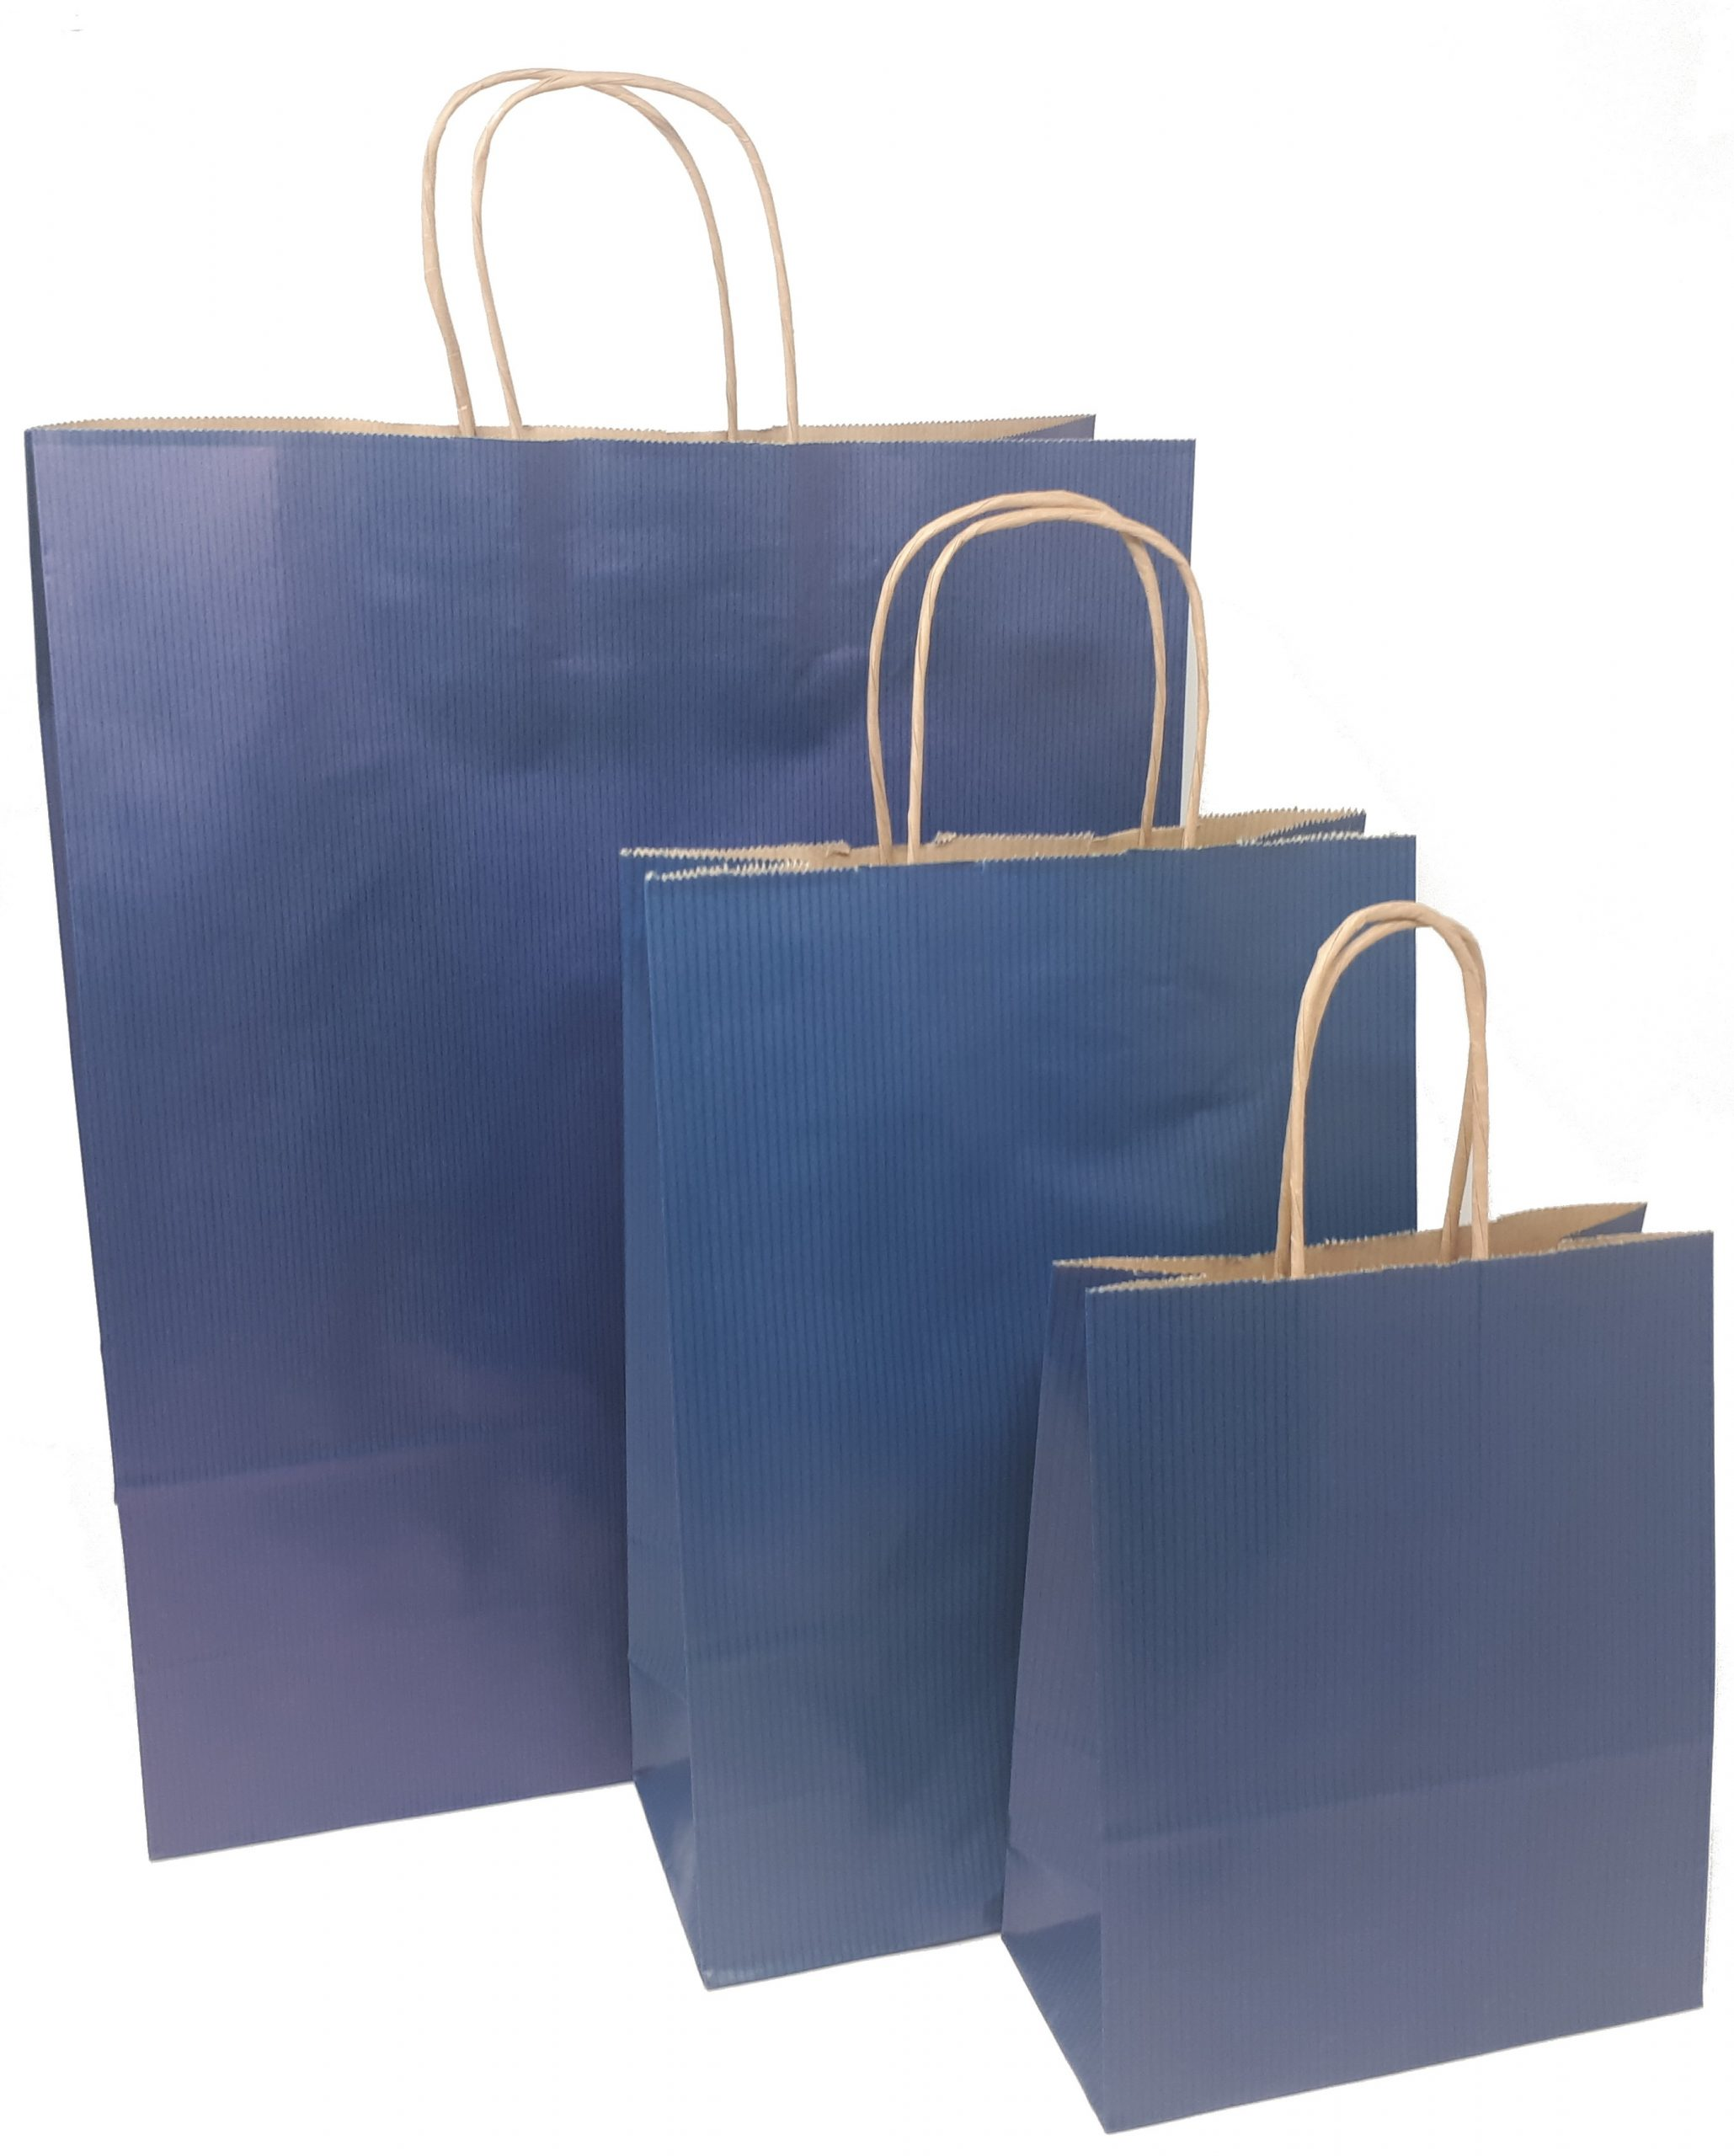 Papiertragetaschen blau mit Kordelhenkel